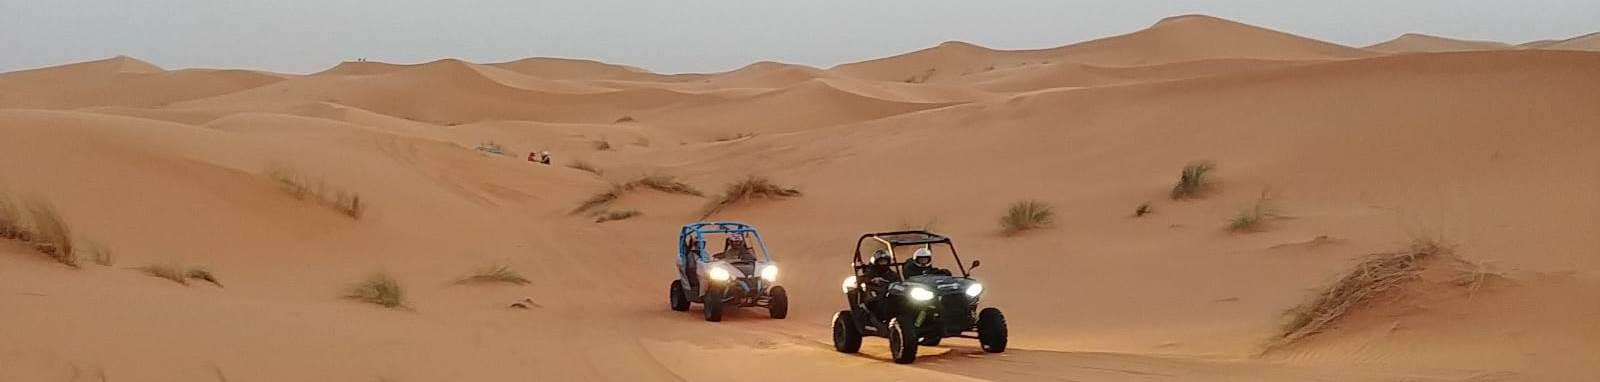 Viajes en moto organizados por marruecos.